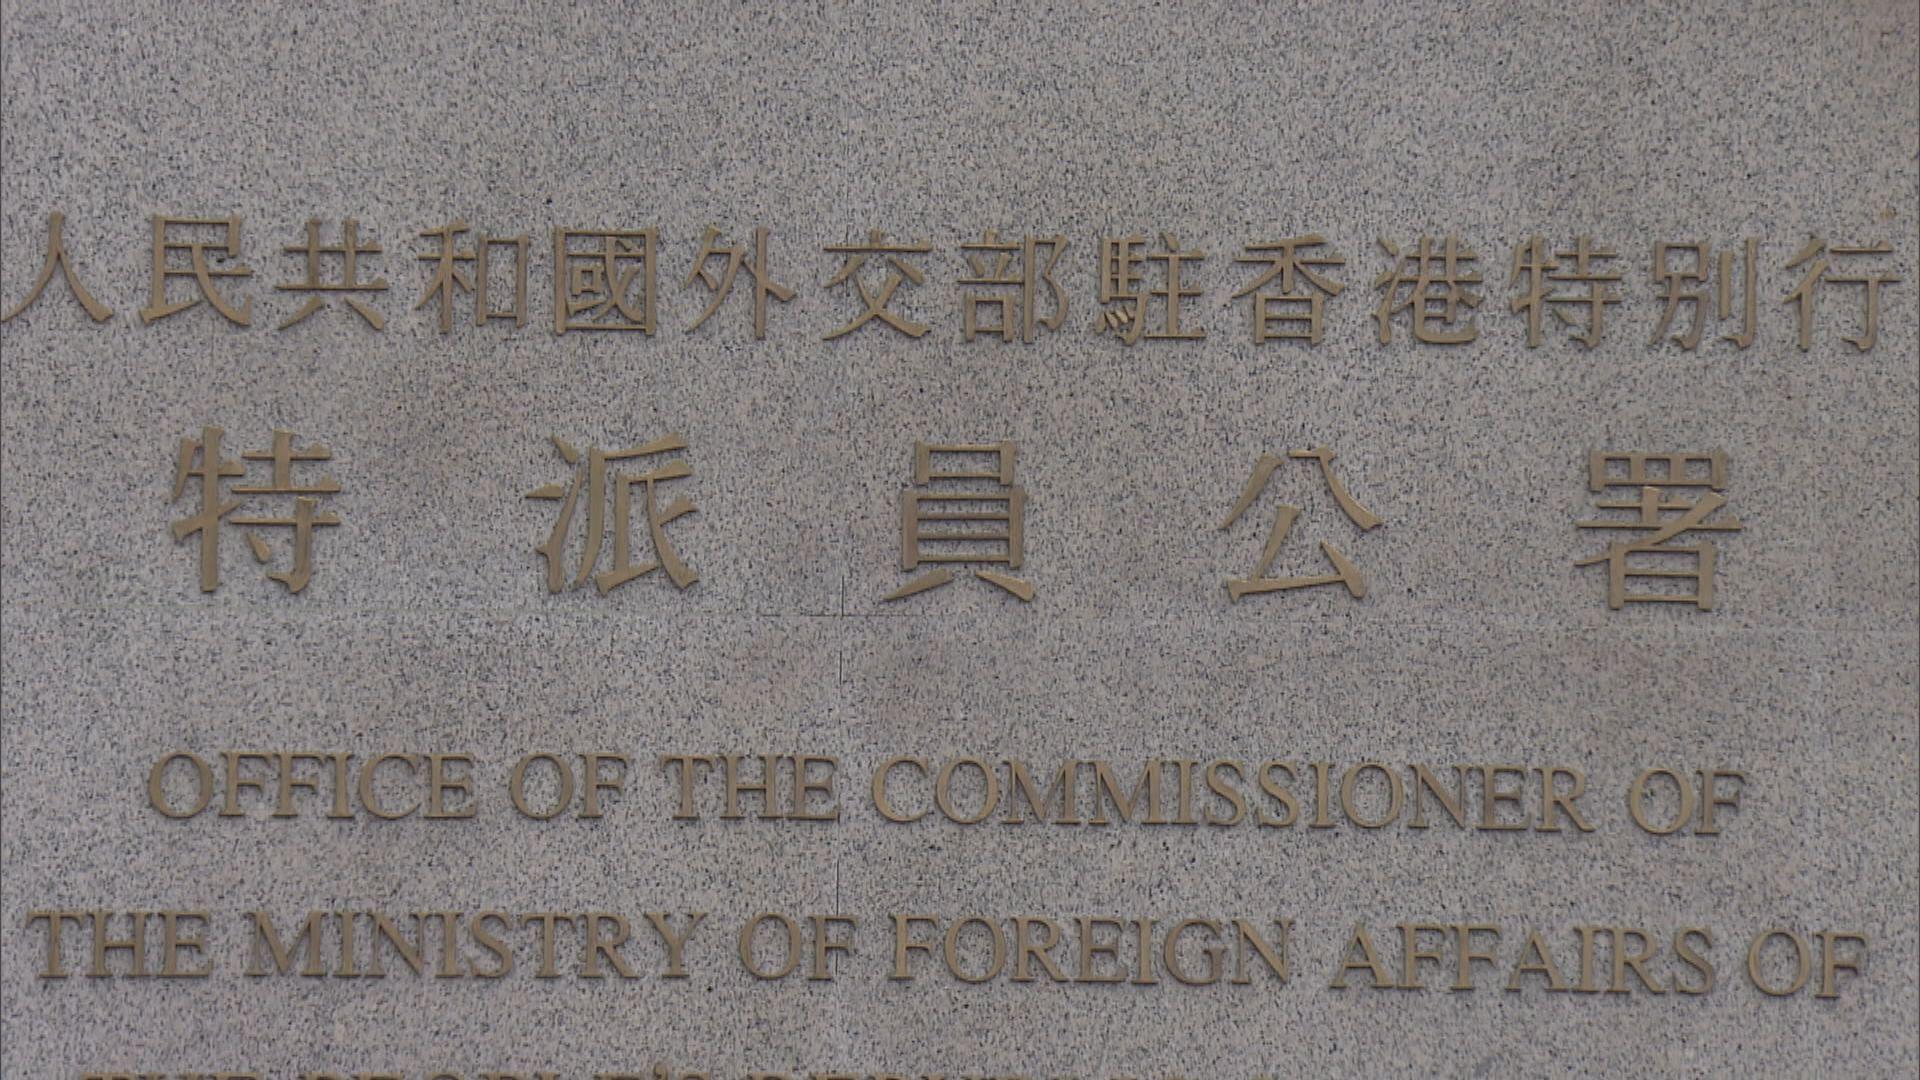 駐港公署嚴正警告外國記者會停止插手香港事務